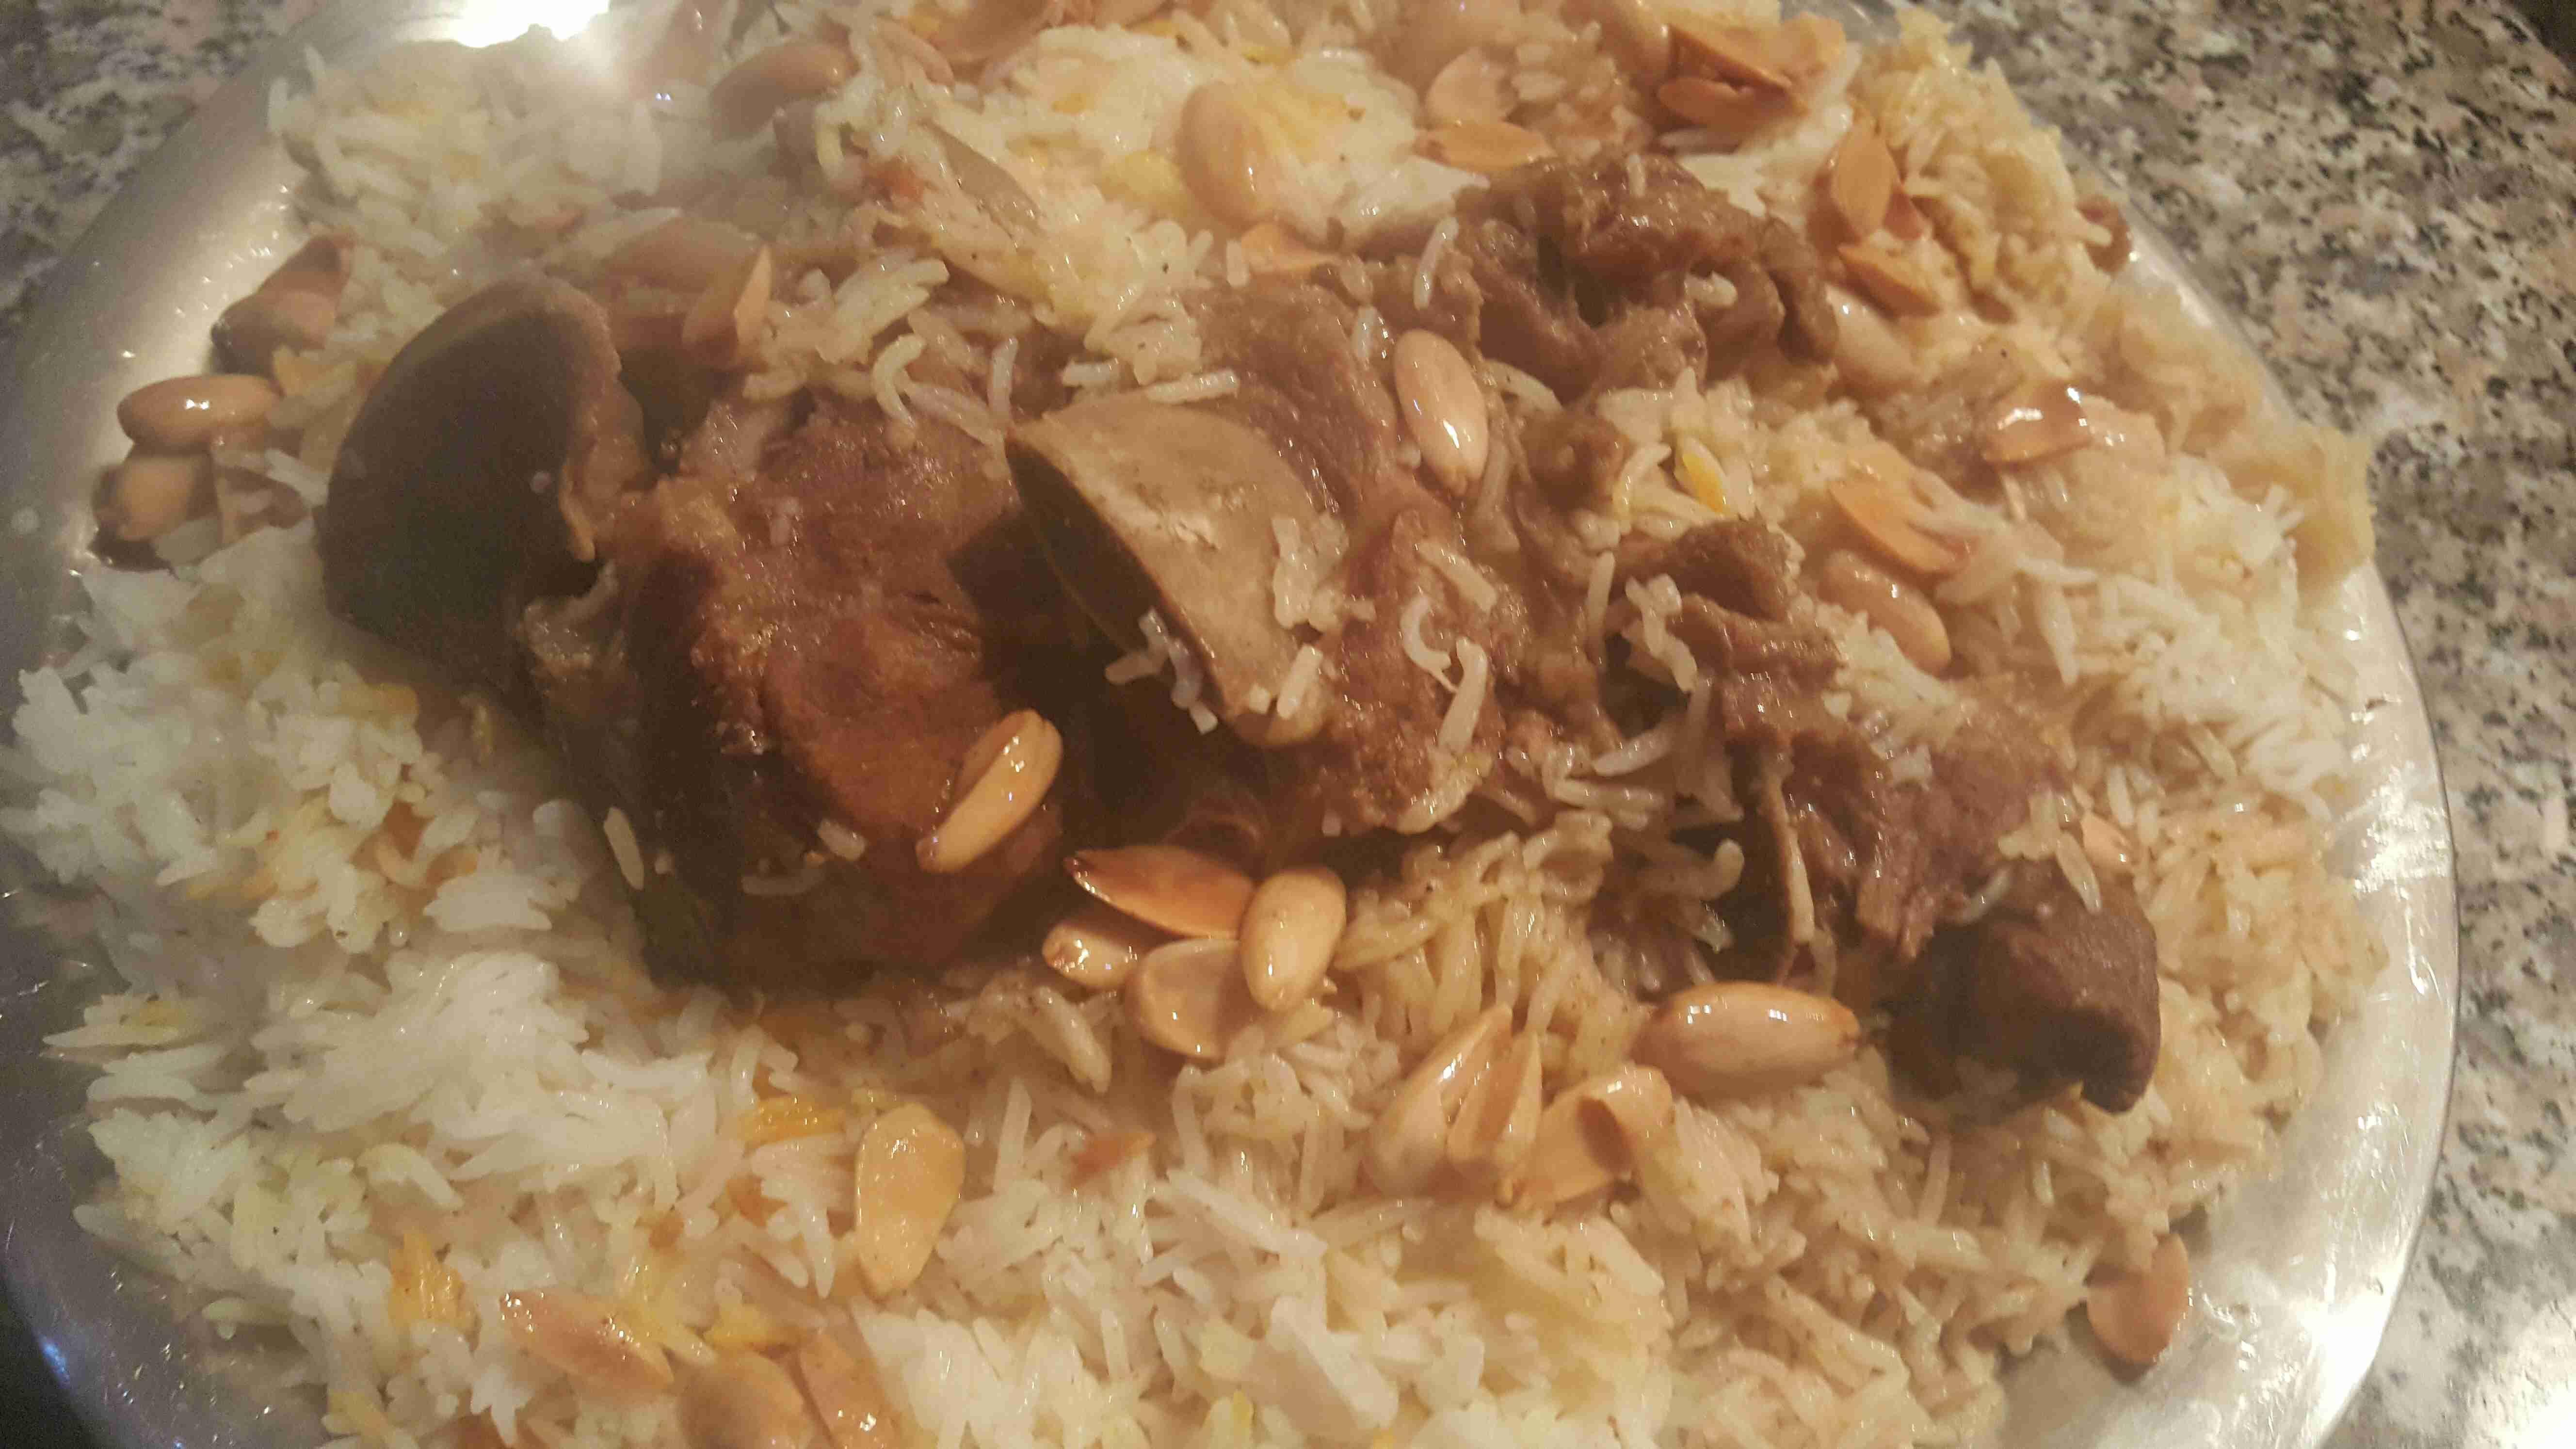 رز مبخر مع اللحم طعم فوق الخيال أطباق رئيسية أطباق لحوم منوعات وصفات مصورة خطوة بخطوة رز مبخر مع اللحم طعم فوق الخ Ramadan Recipes Middle Eastern Recipes Food